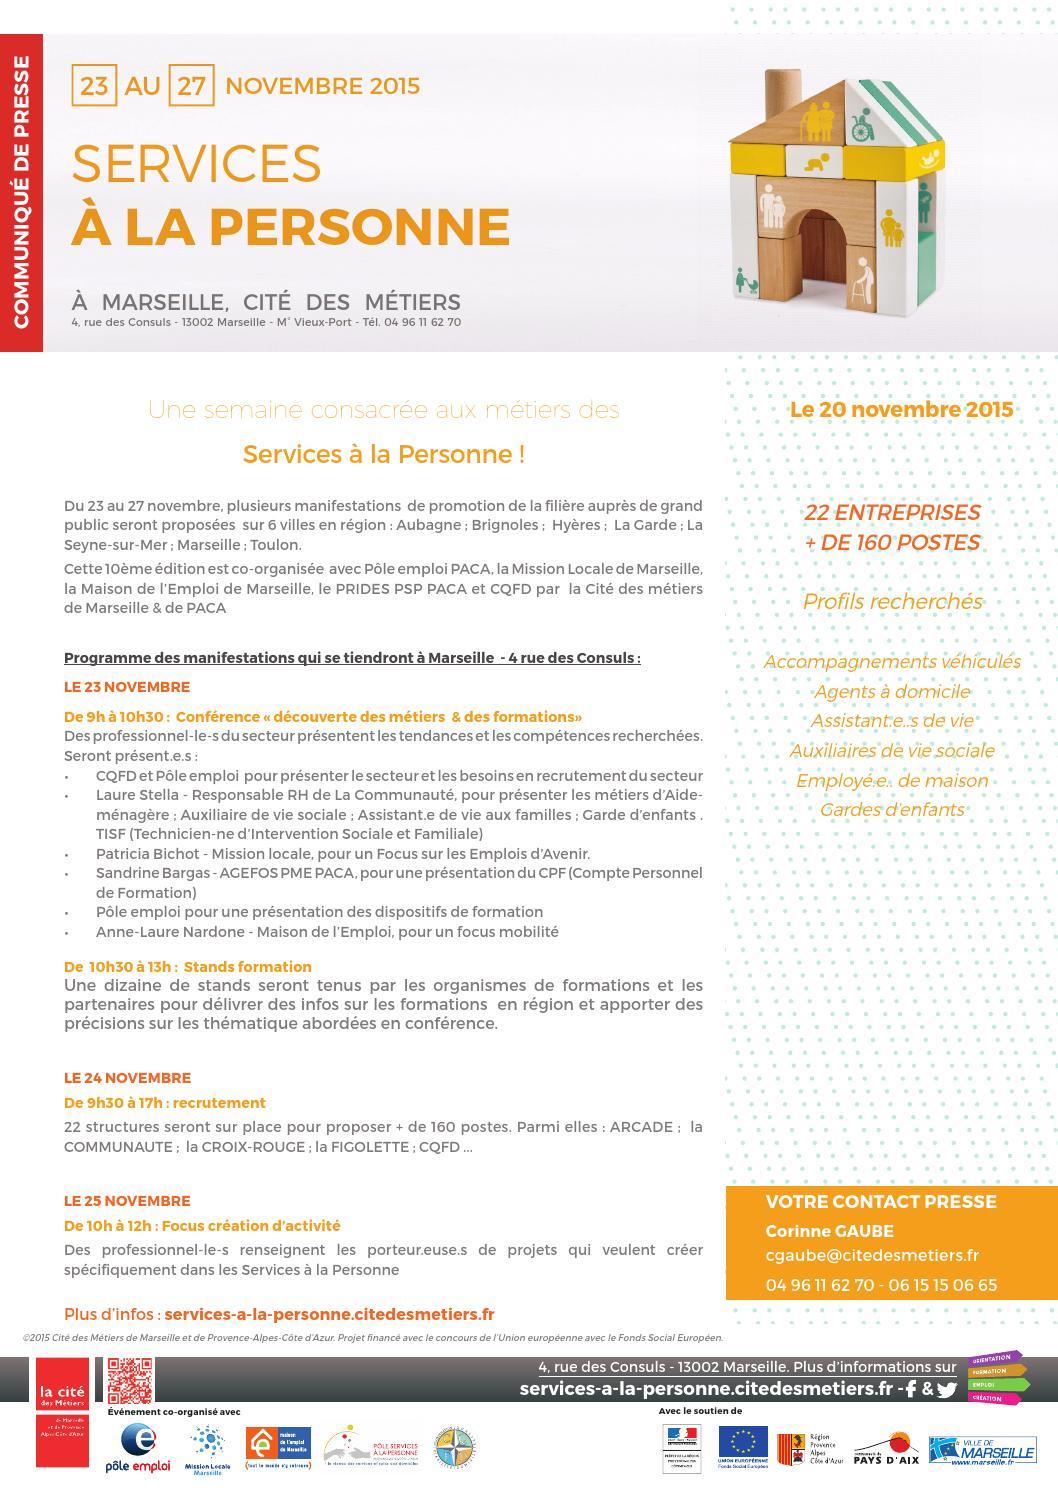 Services A La Personne By Cite Des Metiers De Marseille Et De Paca